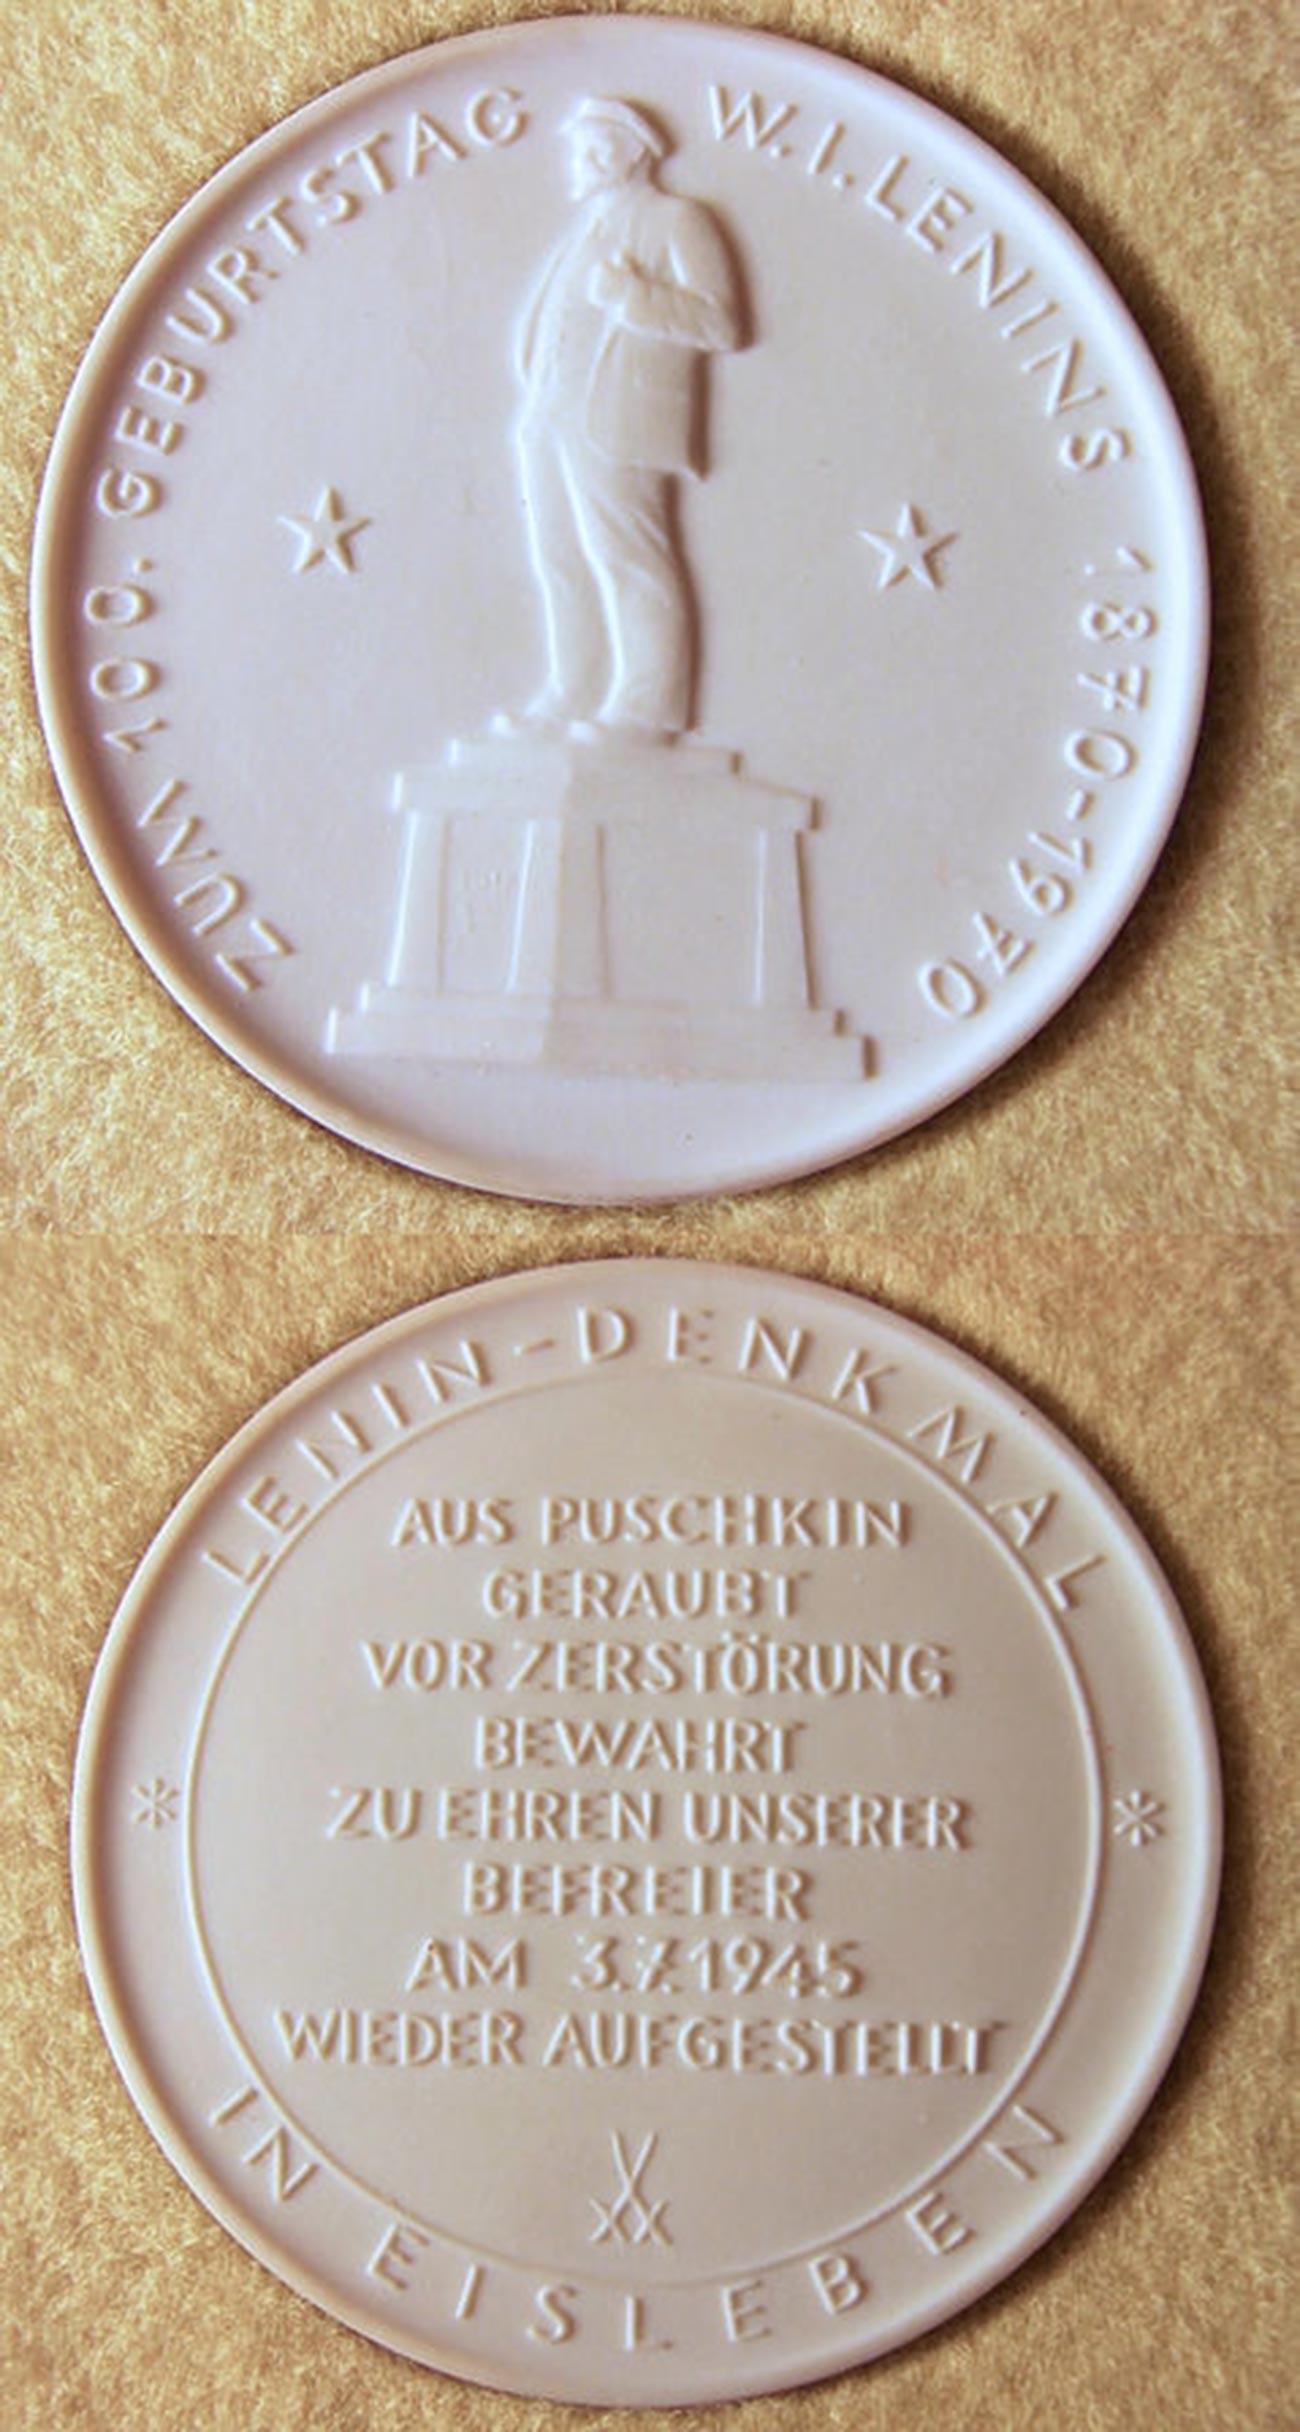 Medaglia commemorativa (1970) in porcellana di Meissen per il 100° anniversario del compleanno di Lenin, con l'immagine del monumento a Lenin a Eisleben